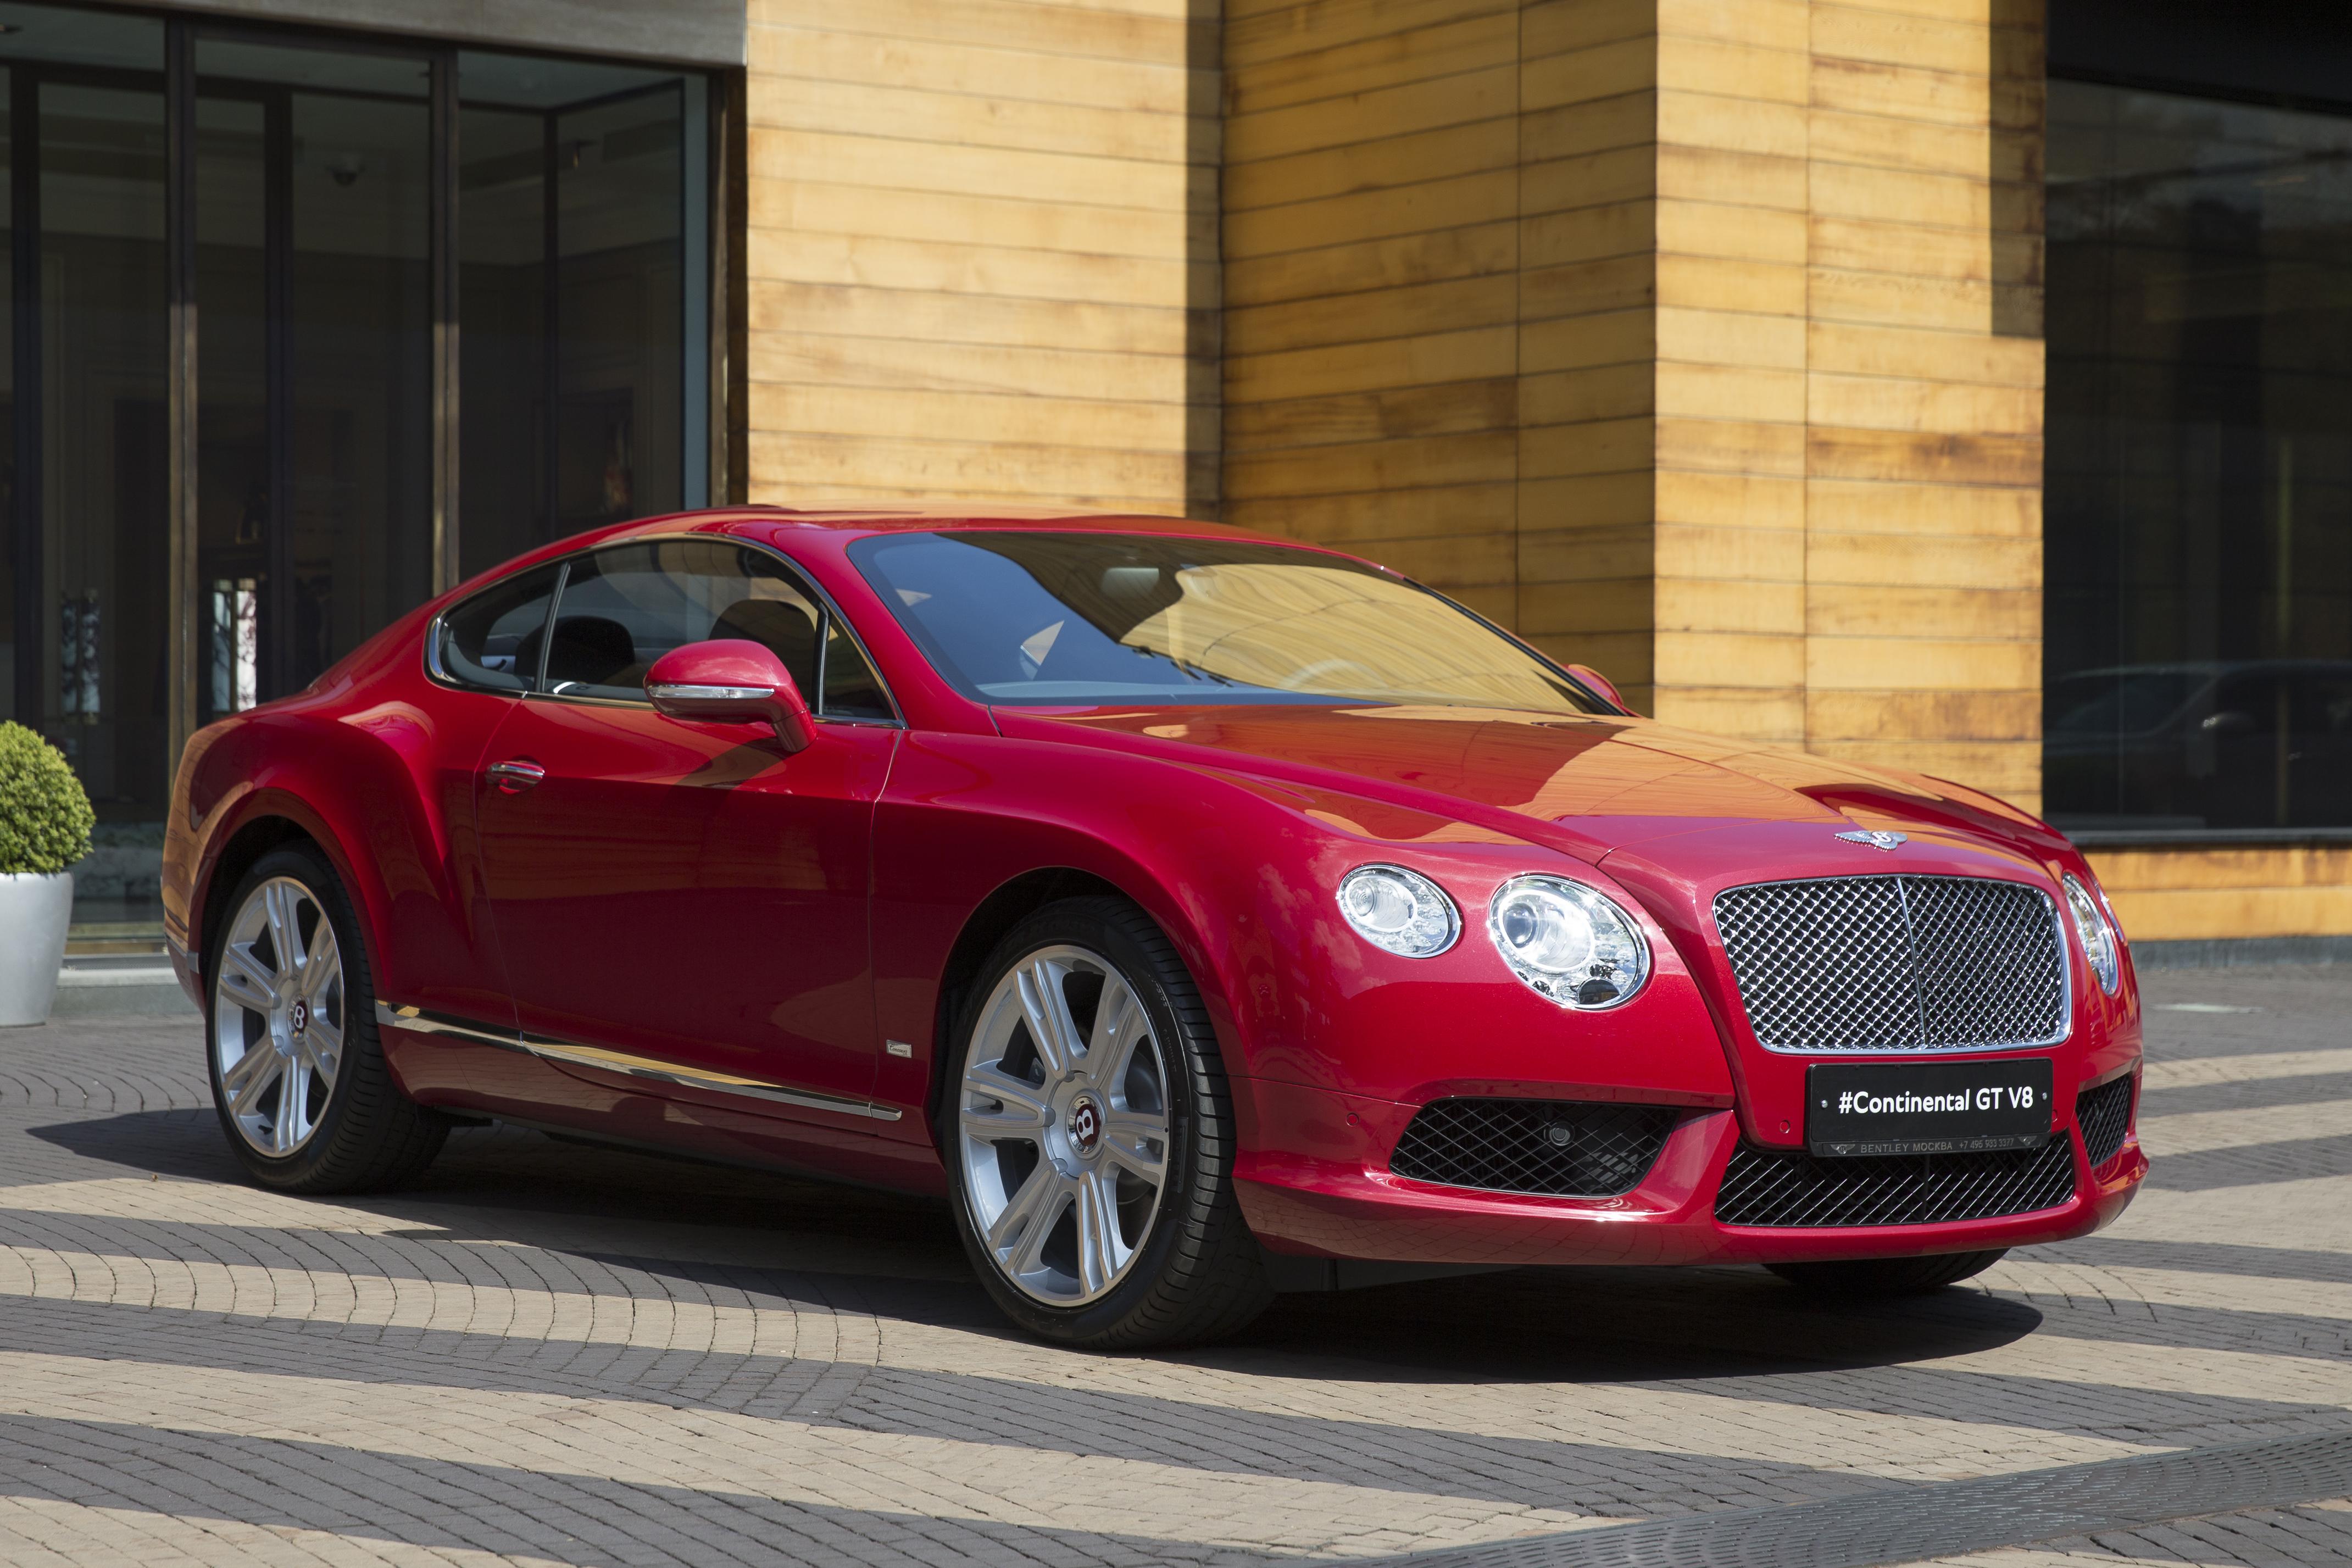 ВРЕМЯ ВЫБИРАТЬ BENTLEY! НОВЫЙ CONTINENTAL GT ОТ 11 900 000 РУБ. - изображение NICK1609 на Bentleymoscow.ru!